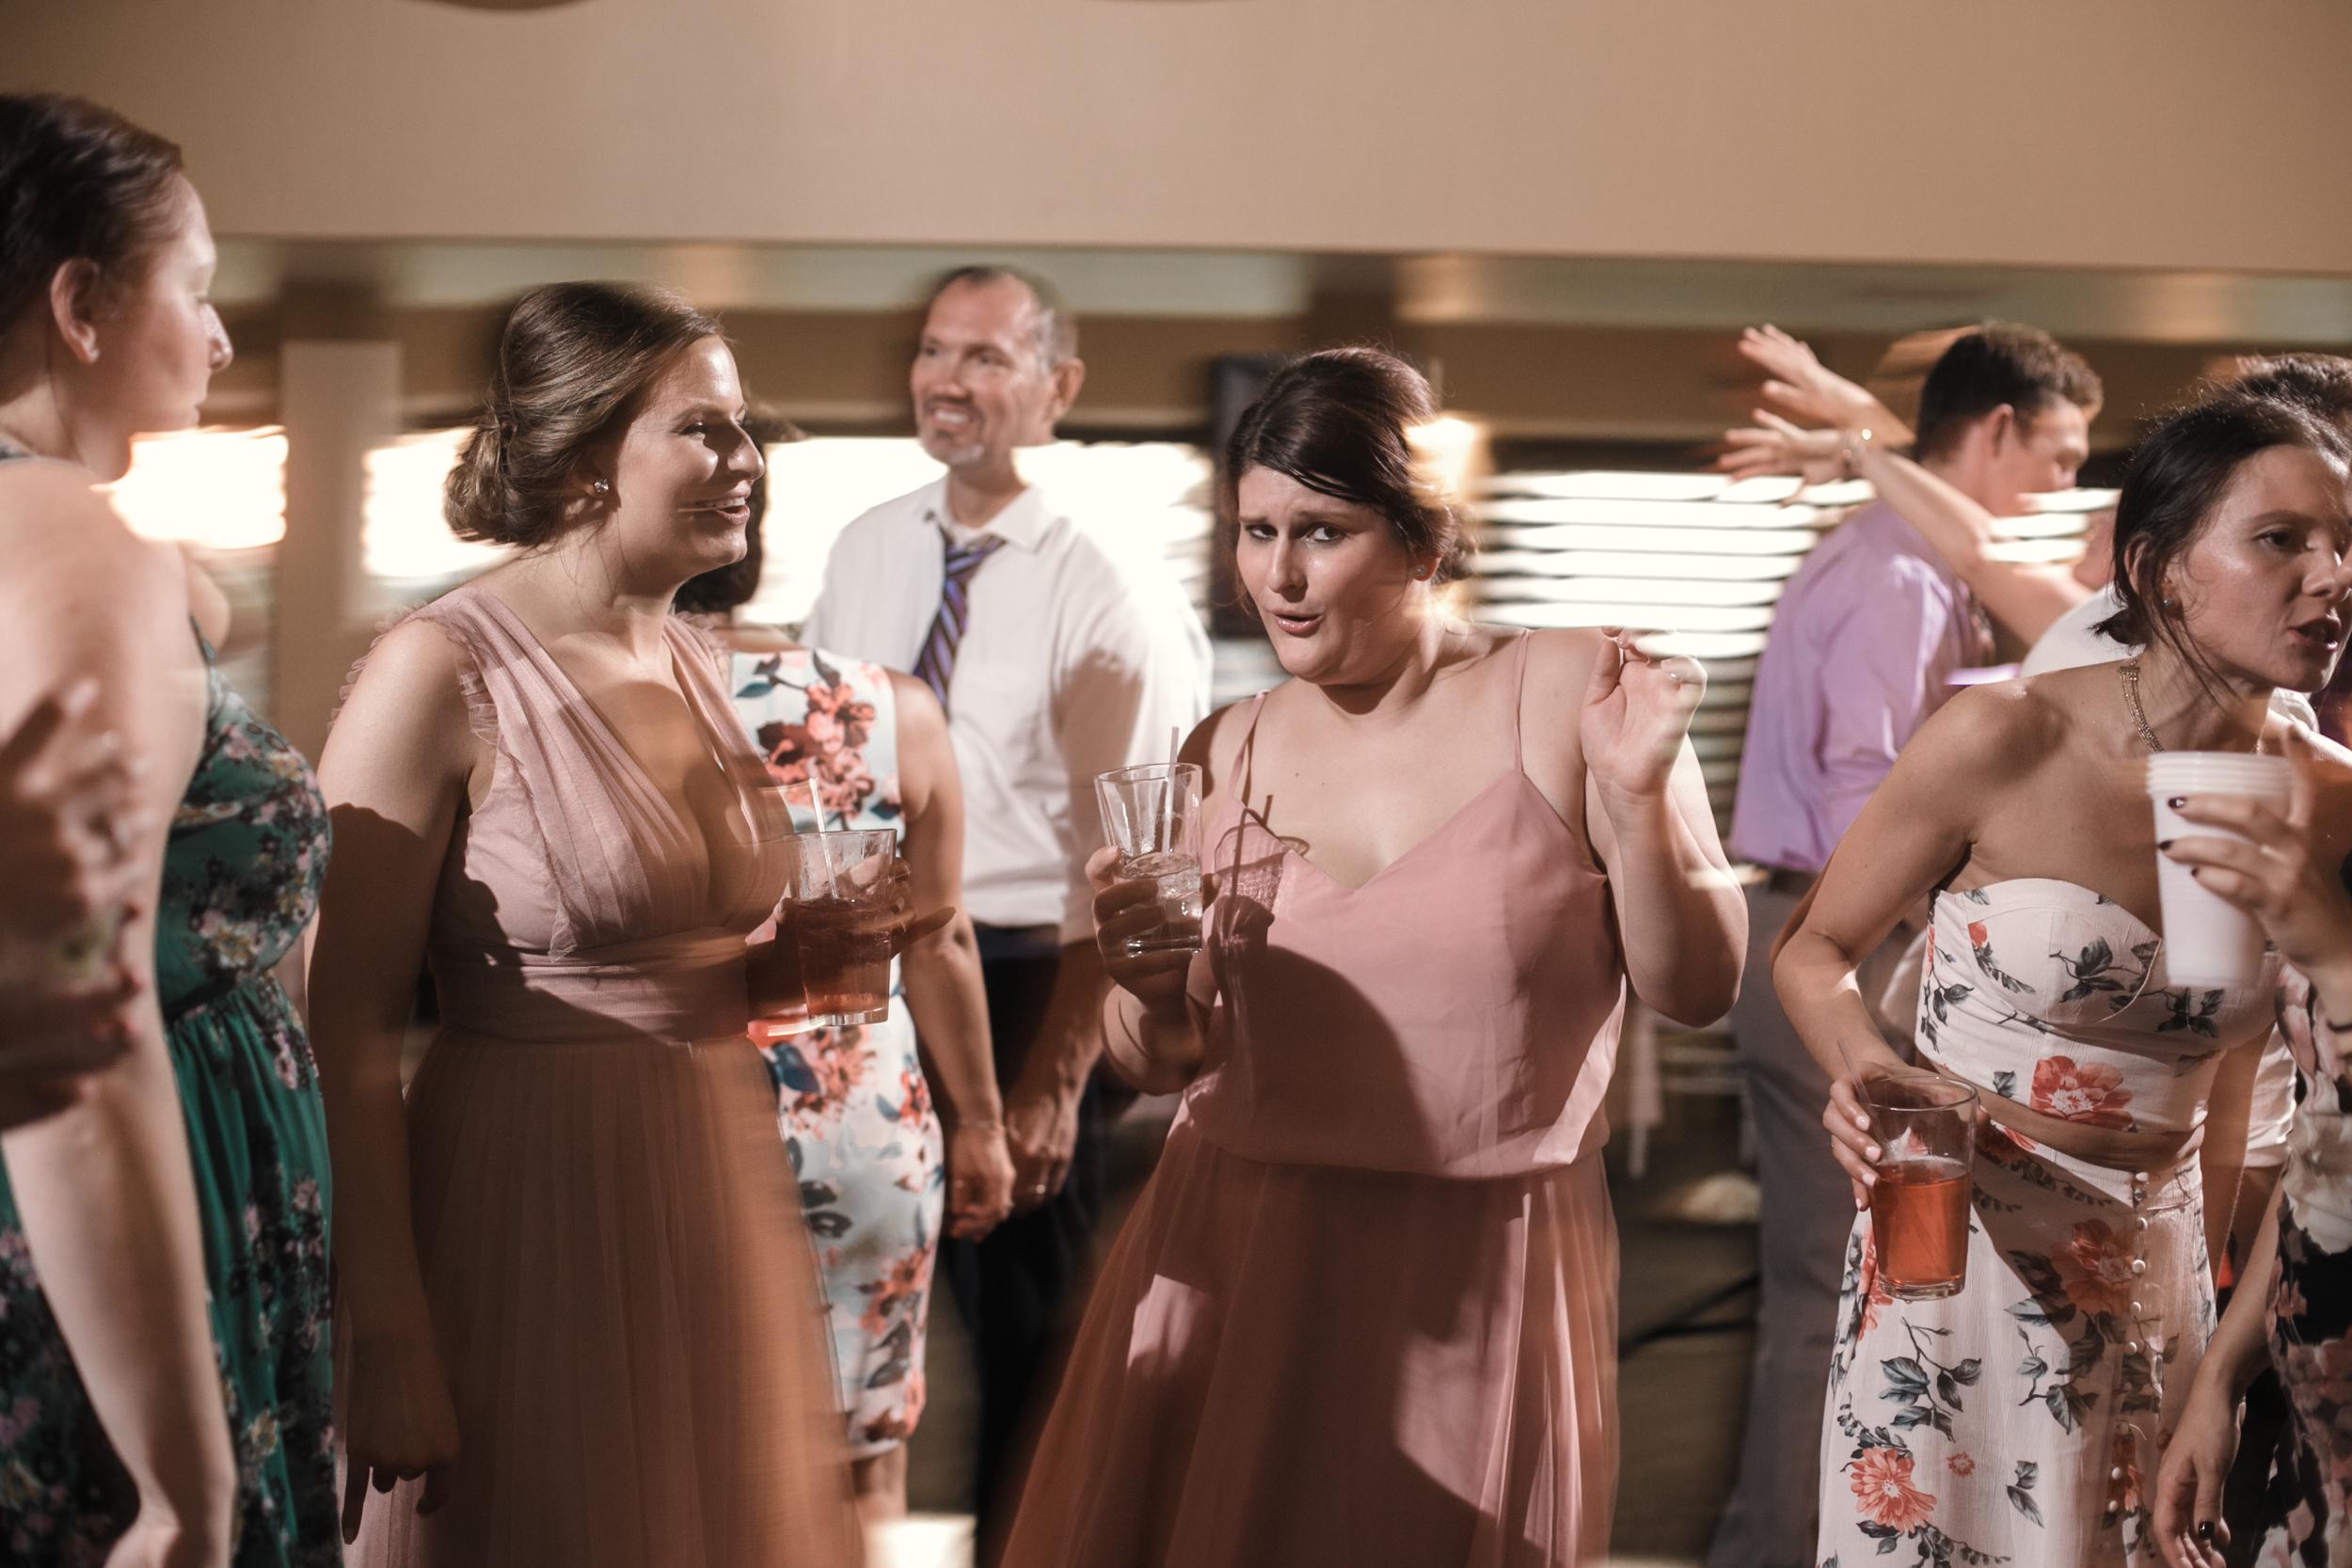 dellwood country club wedding*, Dellwood Country Club*, golf course wedding*, green golf course*, rose pink wedding details*-www.rachelsmak.com99.jpg